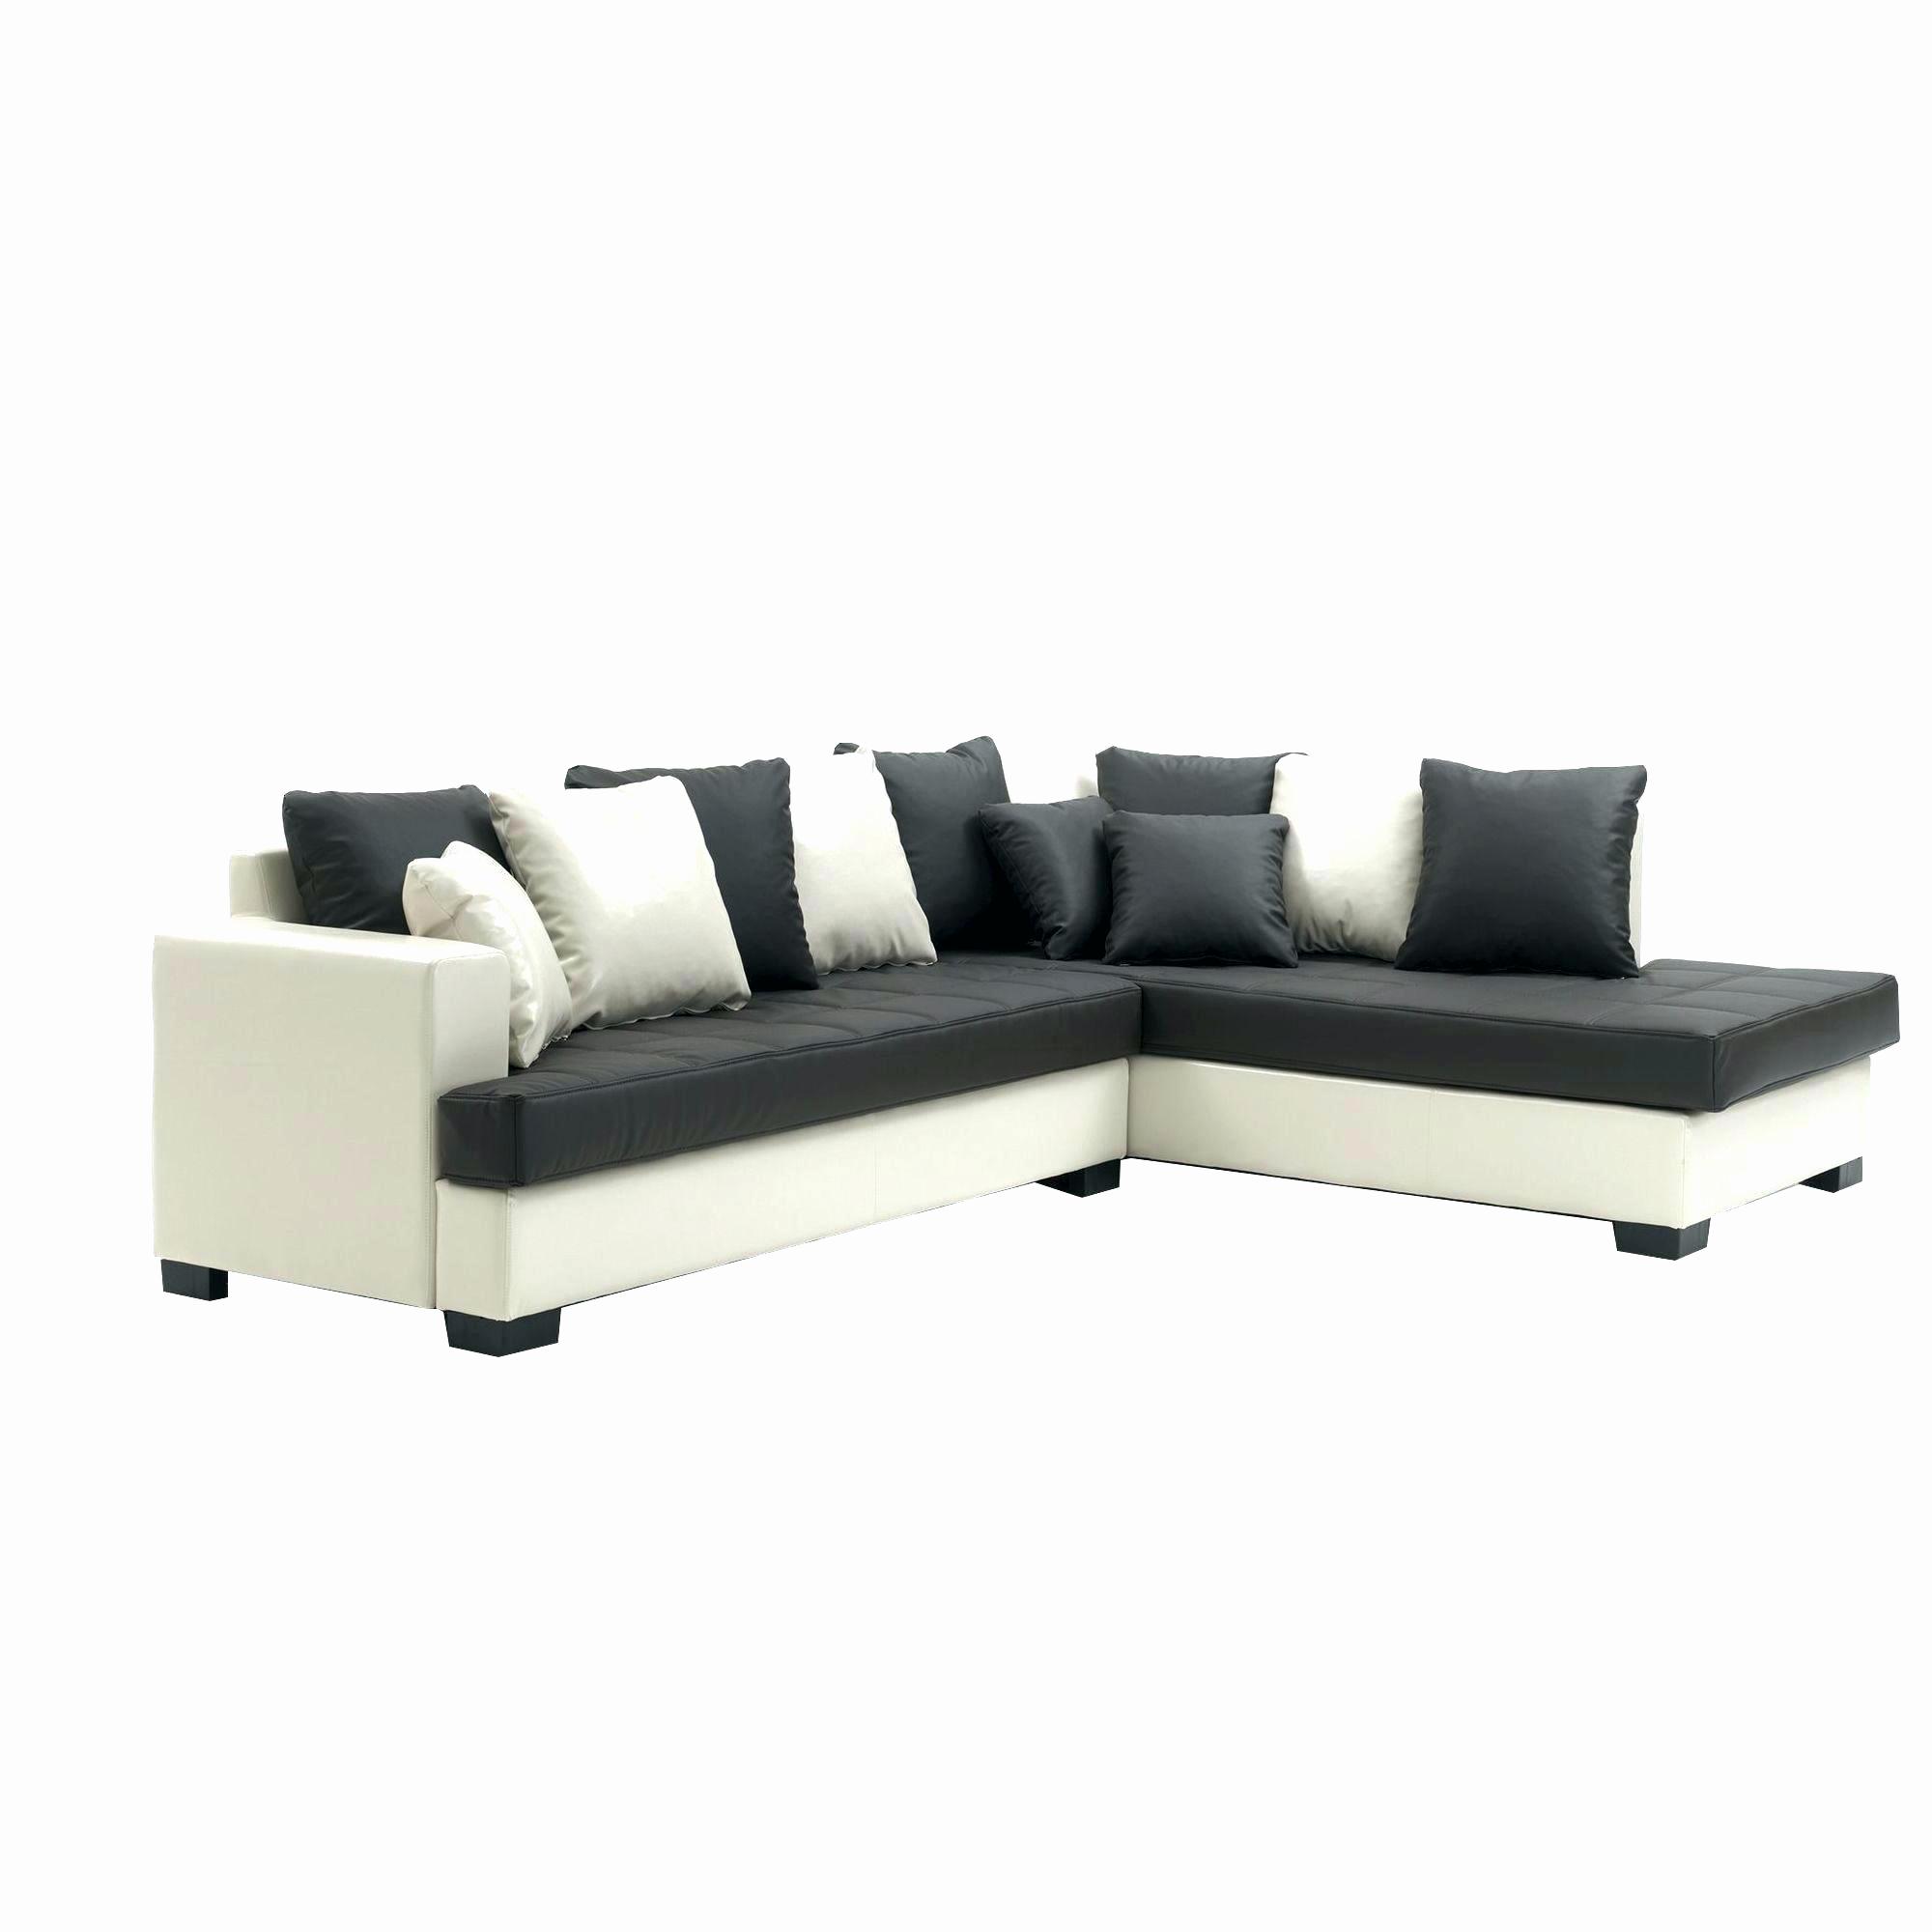 Ikea Canape Angle Convertible Luxe Photos Matelas Pour Canape Convertible Frais Matelas Pour Clic Clac Ikea